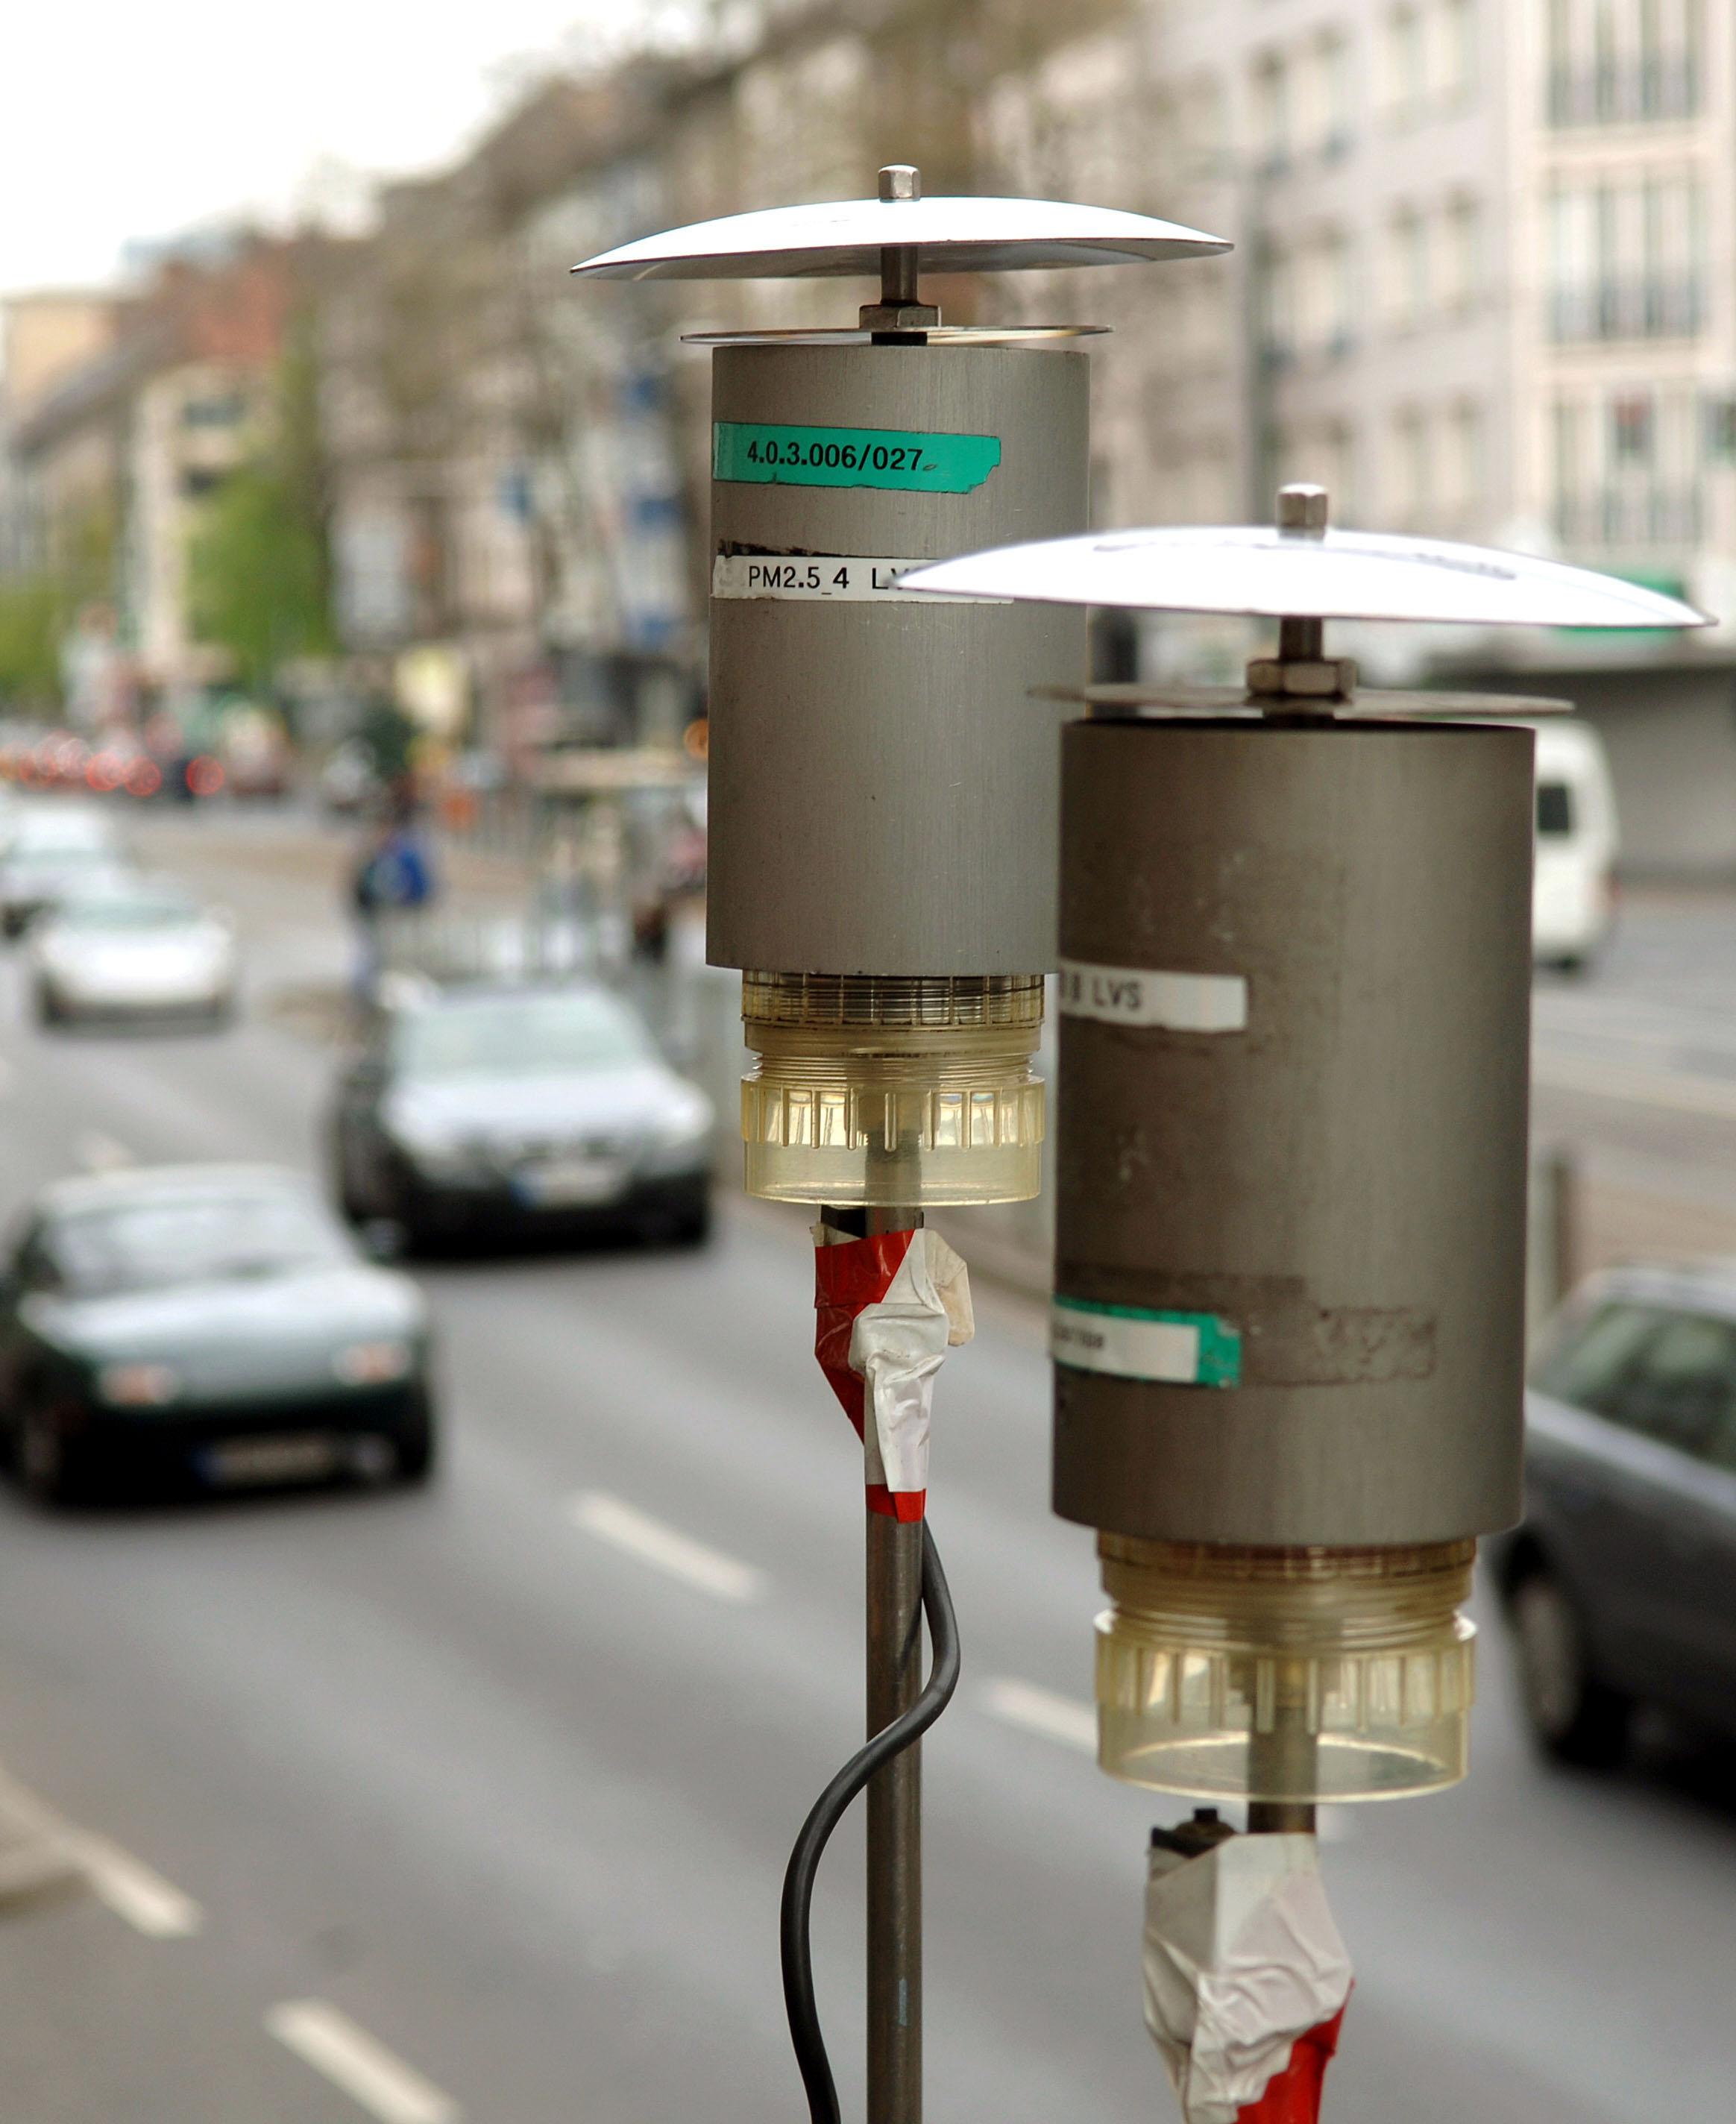 Zwei Messsonden zur Bestimmung der Feinstaubbelastung an der Corneliusstraße in Düsseldorf: In zahlreichen Städten drohen schon 2918 Fahrverbote für Dieselautos.